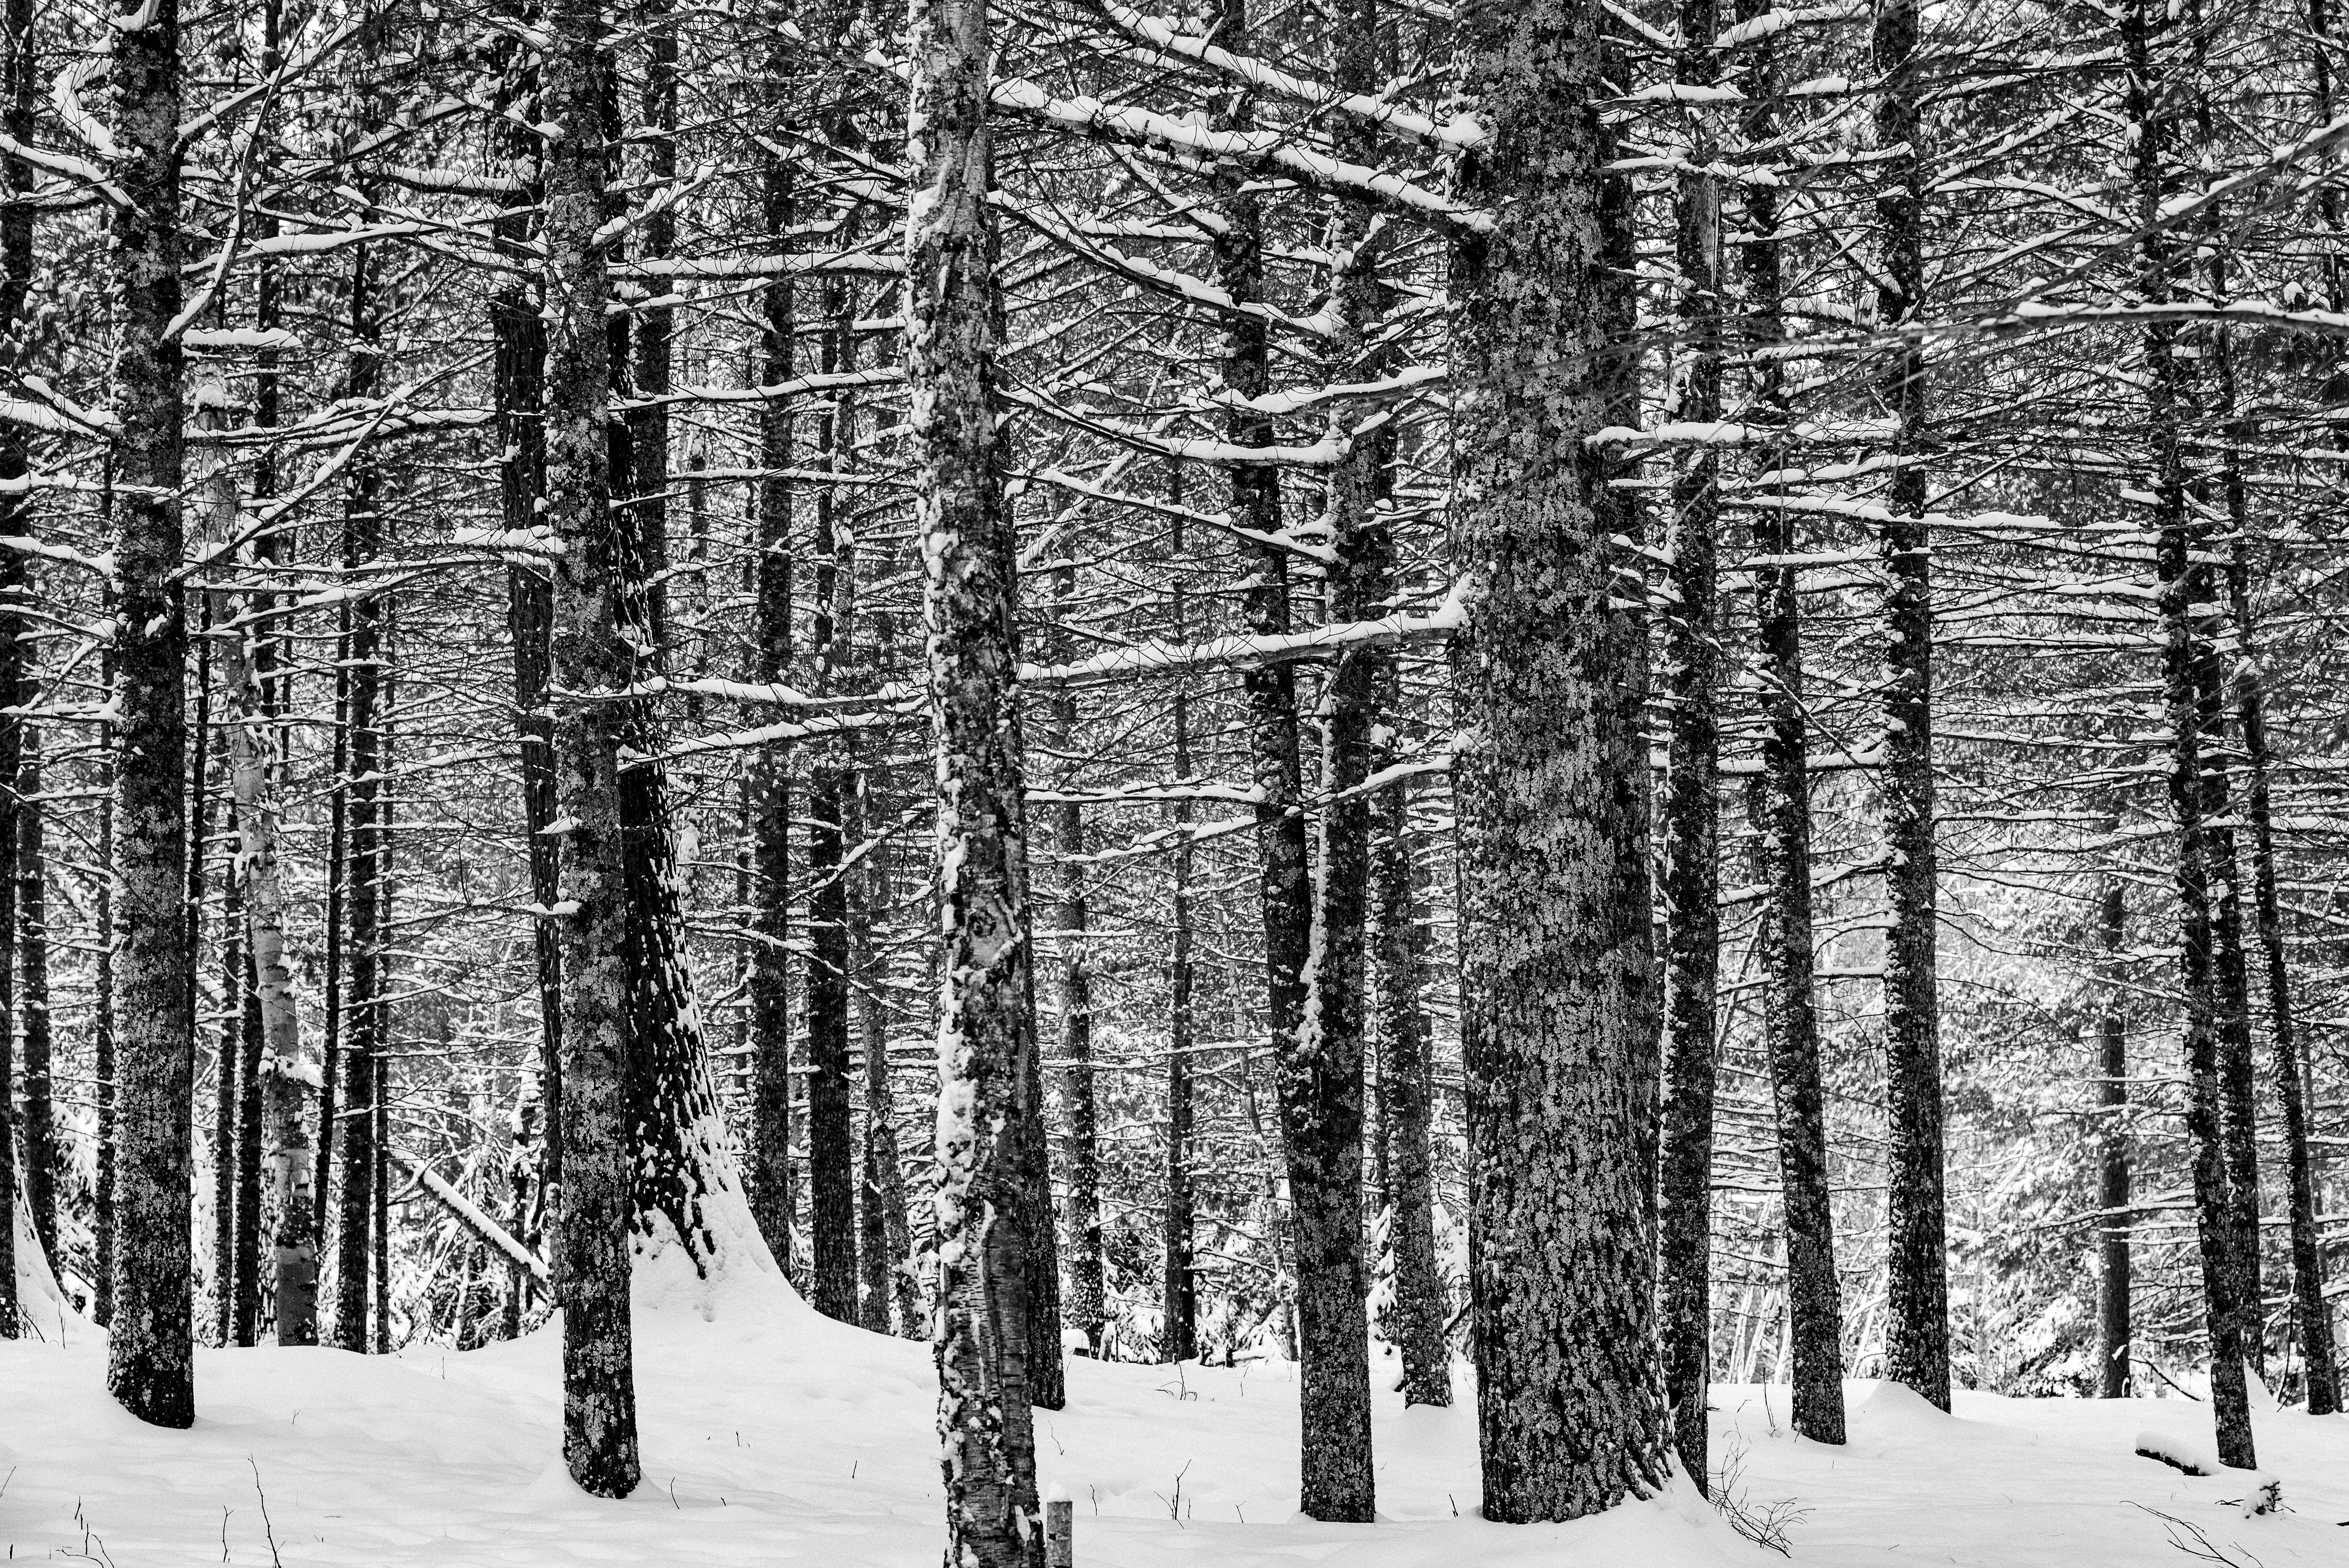 Winter Pines, Petite Lake